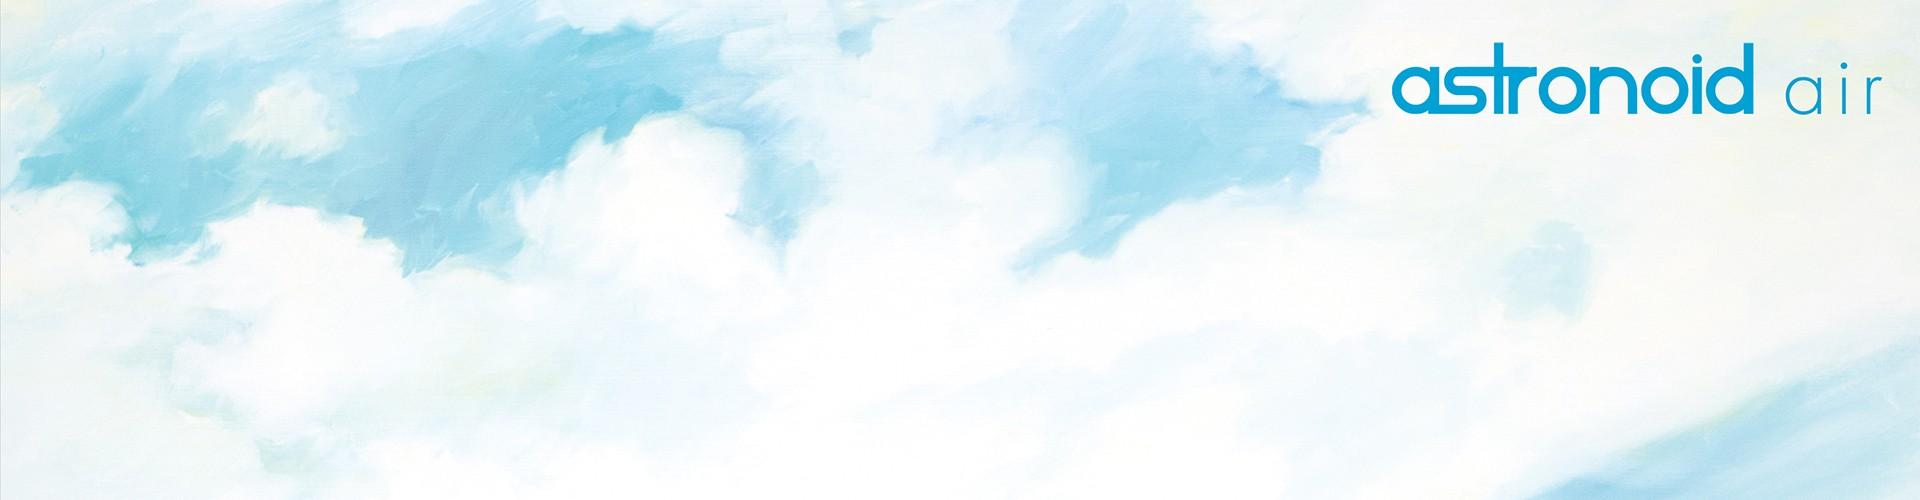 """Astronoid """"Air"""""""